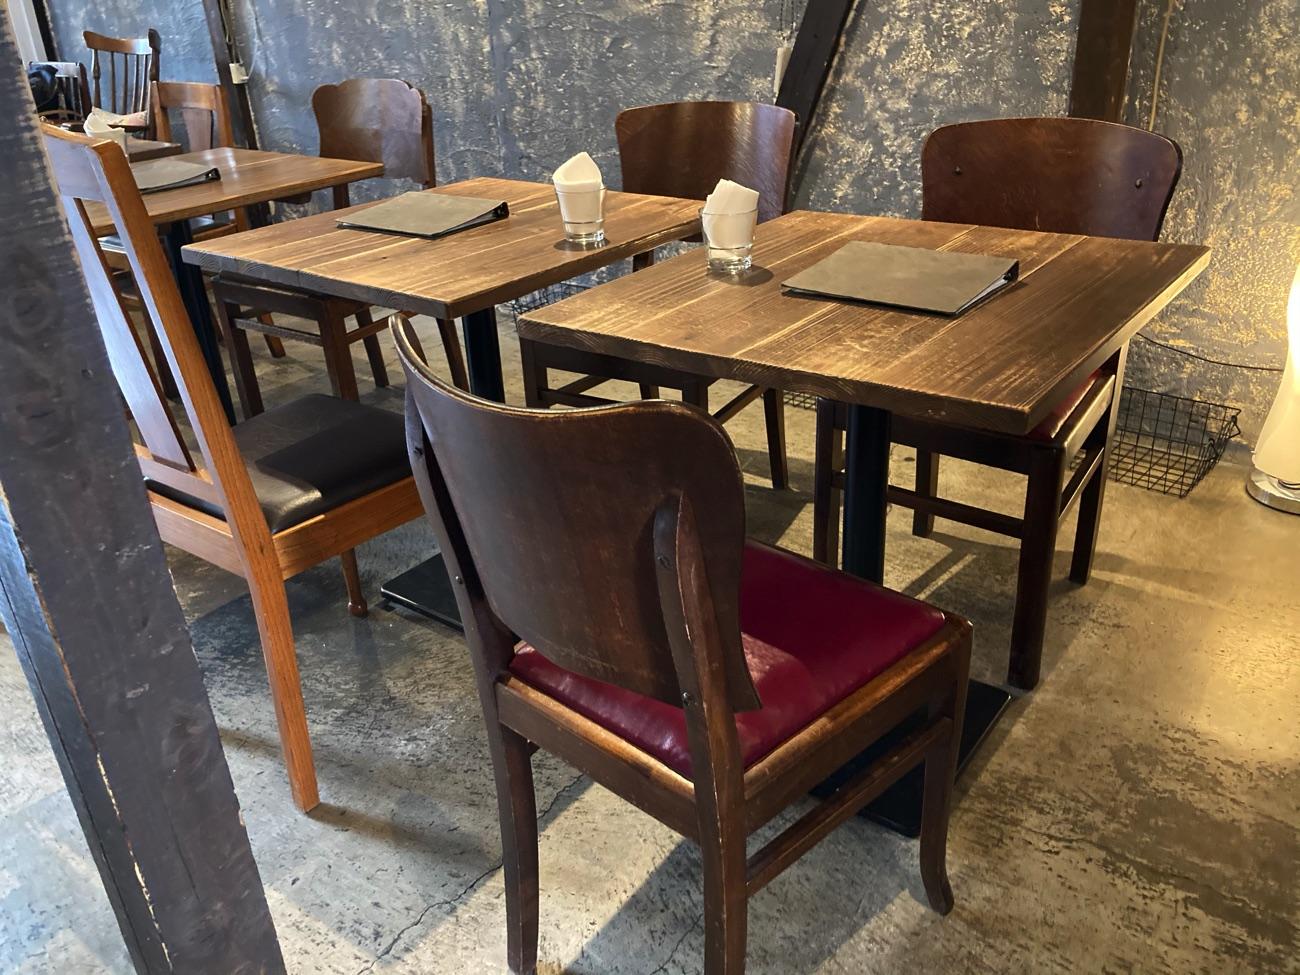 レトロな雰囲気のテーブル席